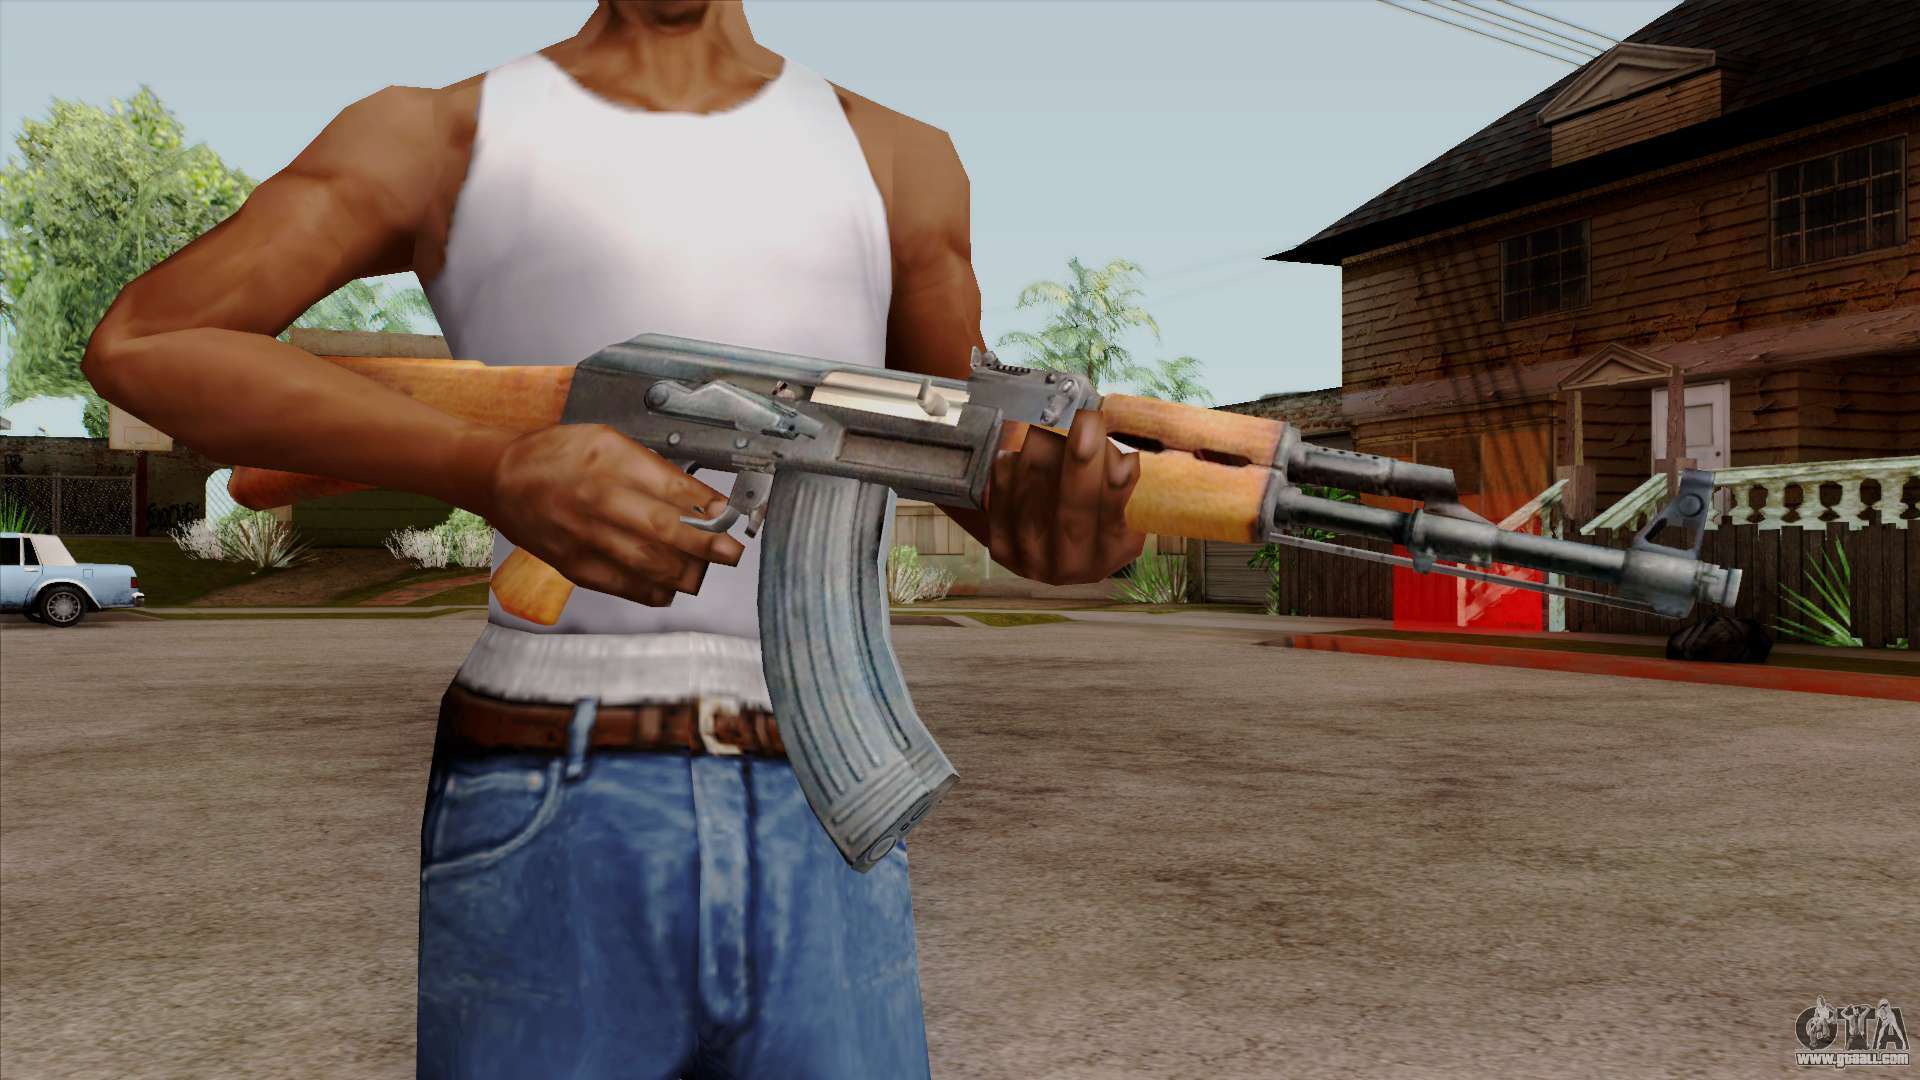 Original Hd Ak 47 For Gta San Andreas